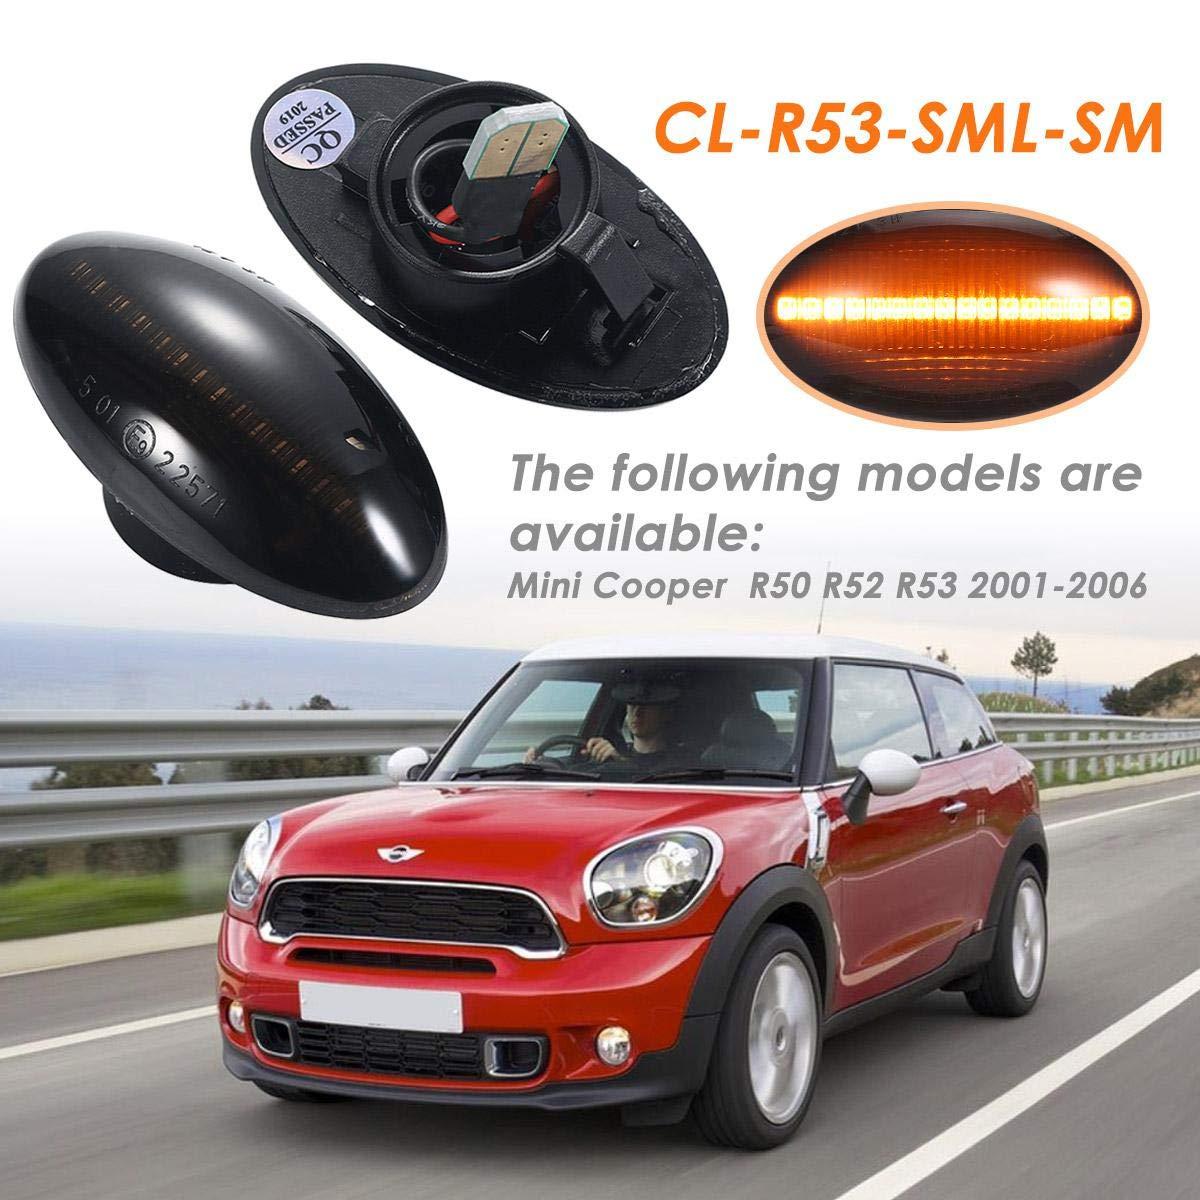 OEM Number: CL-R53-SML-SM DokFin Side Indicator 18 SMD Amber Indicators Blinker for BMW Mini Cooper R50 R52 R53 2001-2006 2 LED Flowing Side Marker Bulb